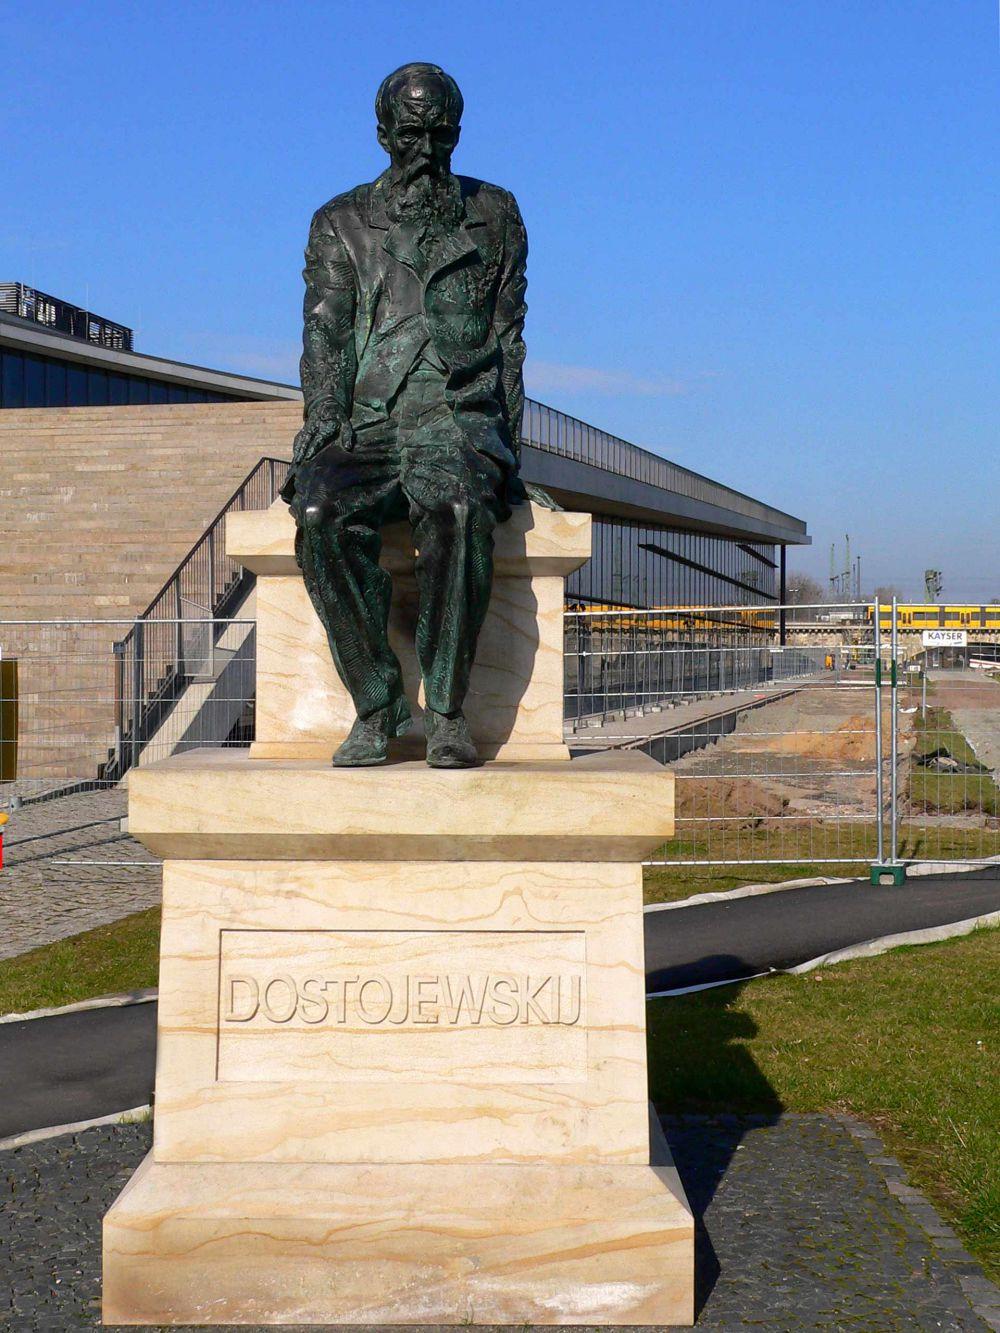 В 2006 году в Дрездене был открыт памятник Фёдору Достоевскому. Установлен он в немецком городе, где часто бывал русский писатель. Именно в Дрездене Достоевский написал романы «Вечный муж» и «Бесы».